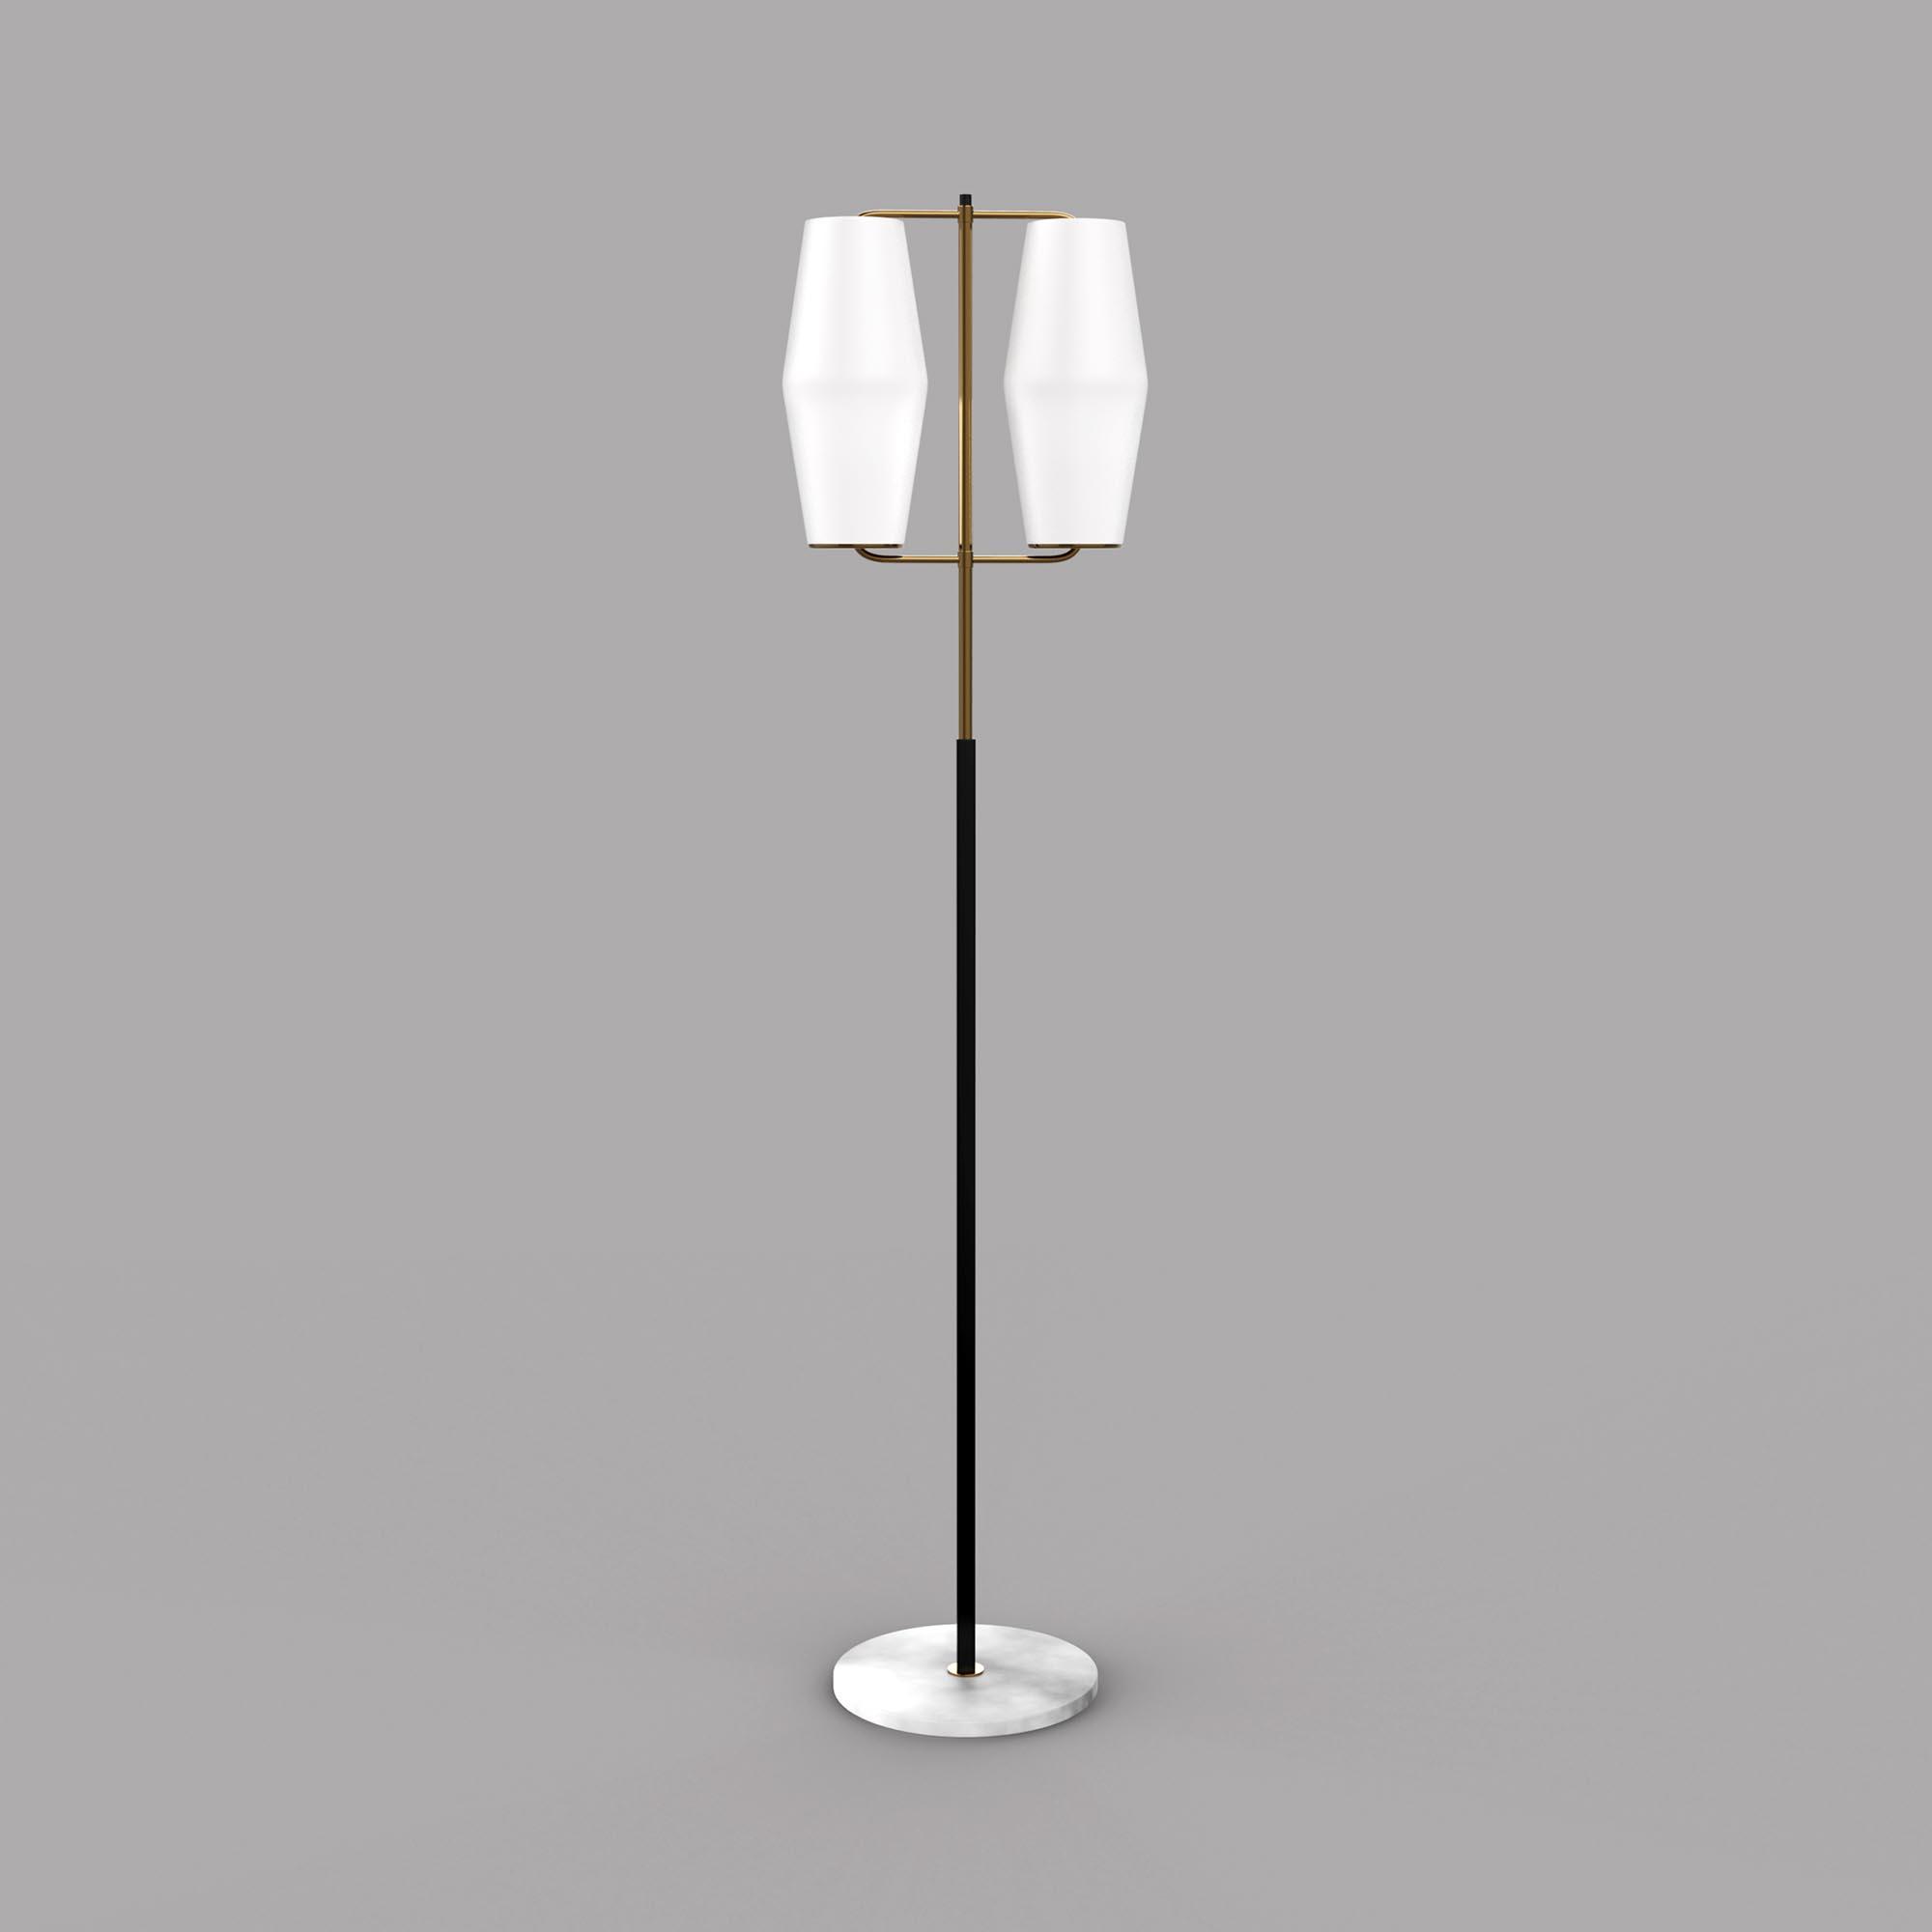 Modern Elegant Lamp - 3D Model